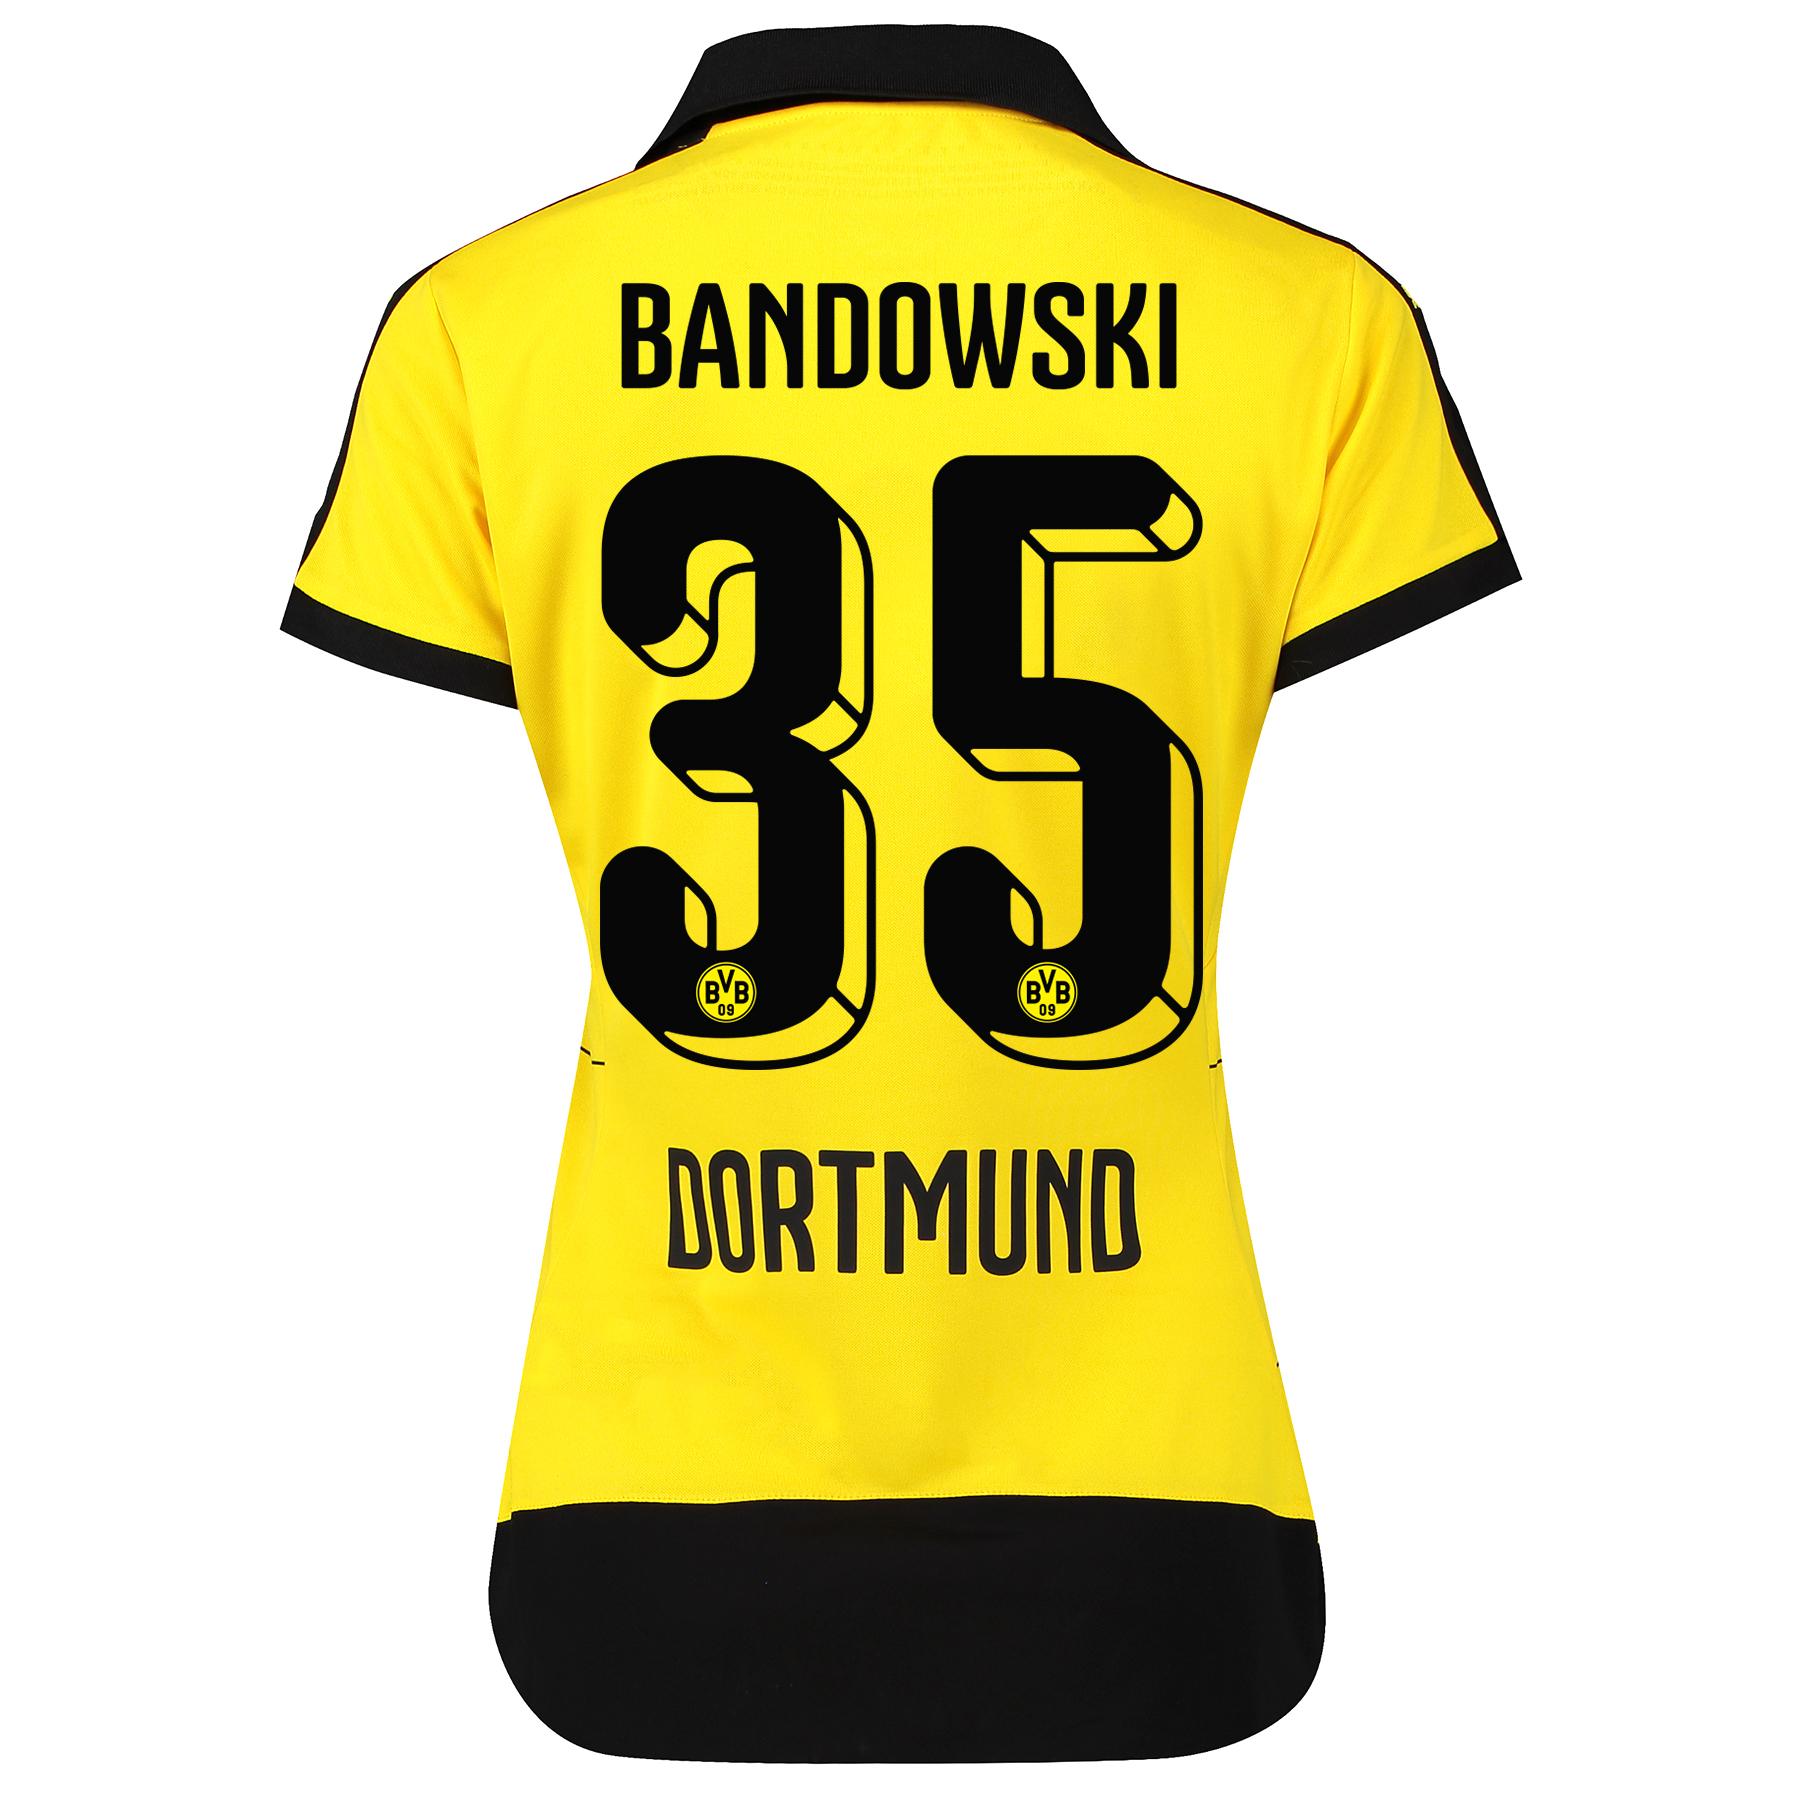 BVB Home Shirt 2015/16 – Womens with Sponsor Yellow with Bandowski 35